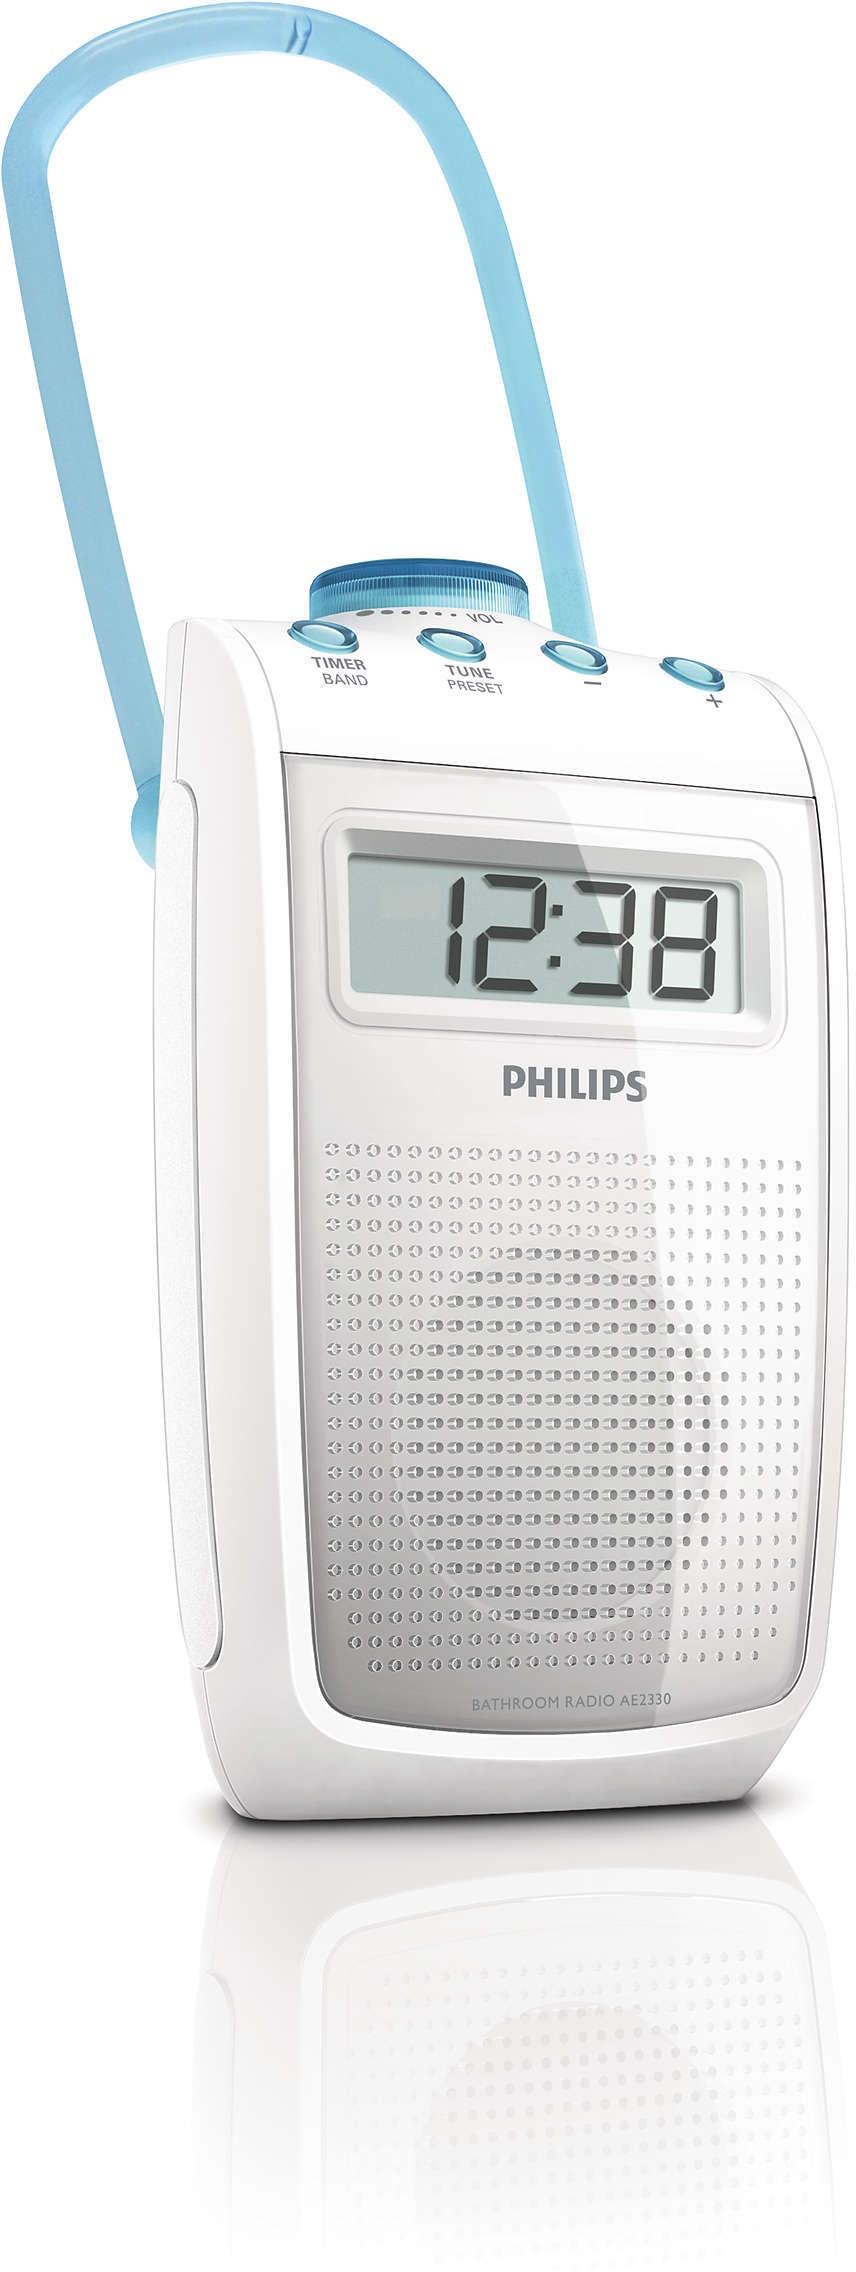 Philips AE2330 Badkamerradio - Prijzen - Tweakers